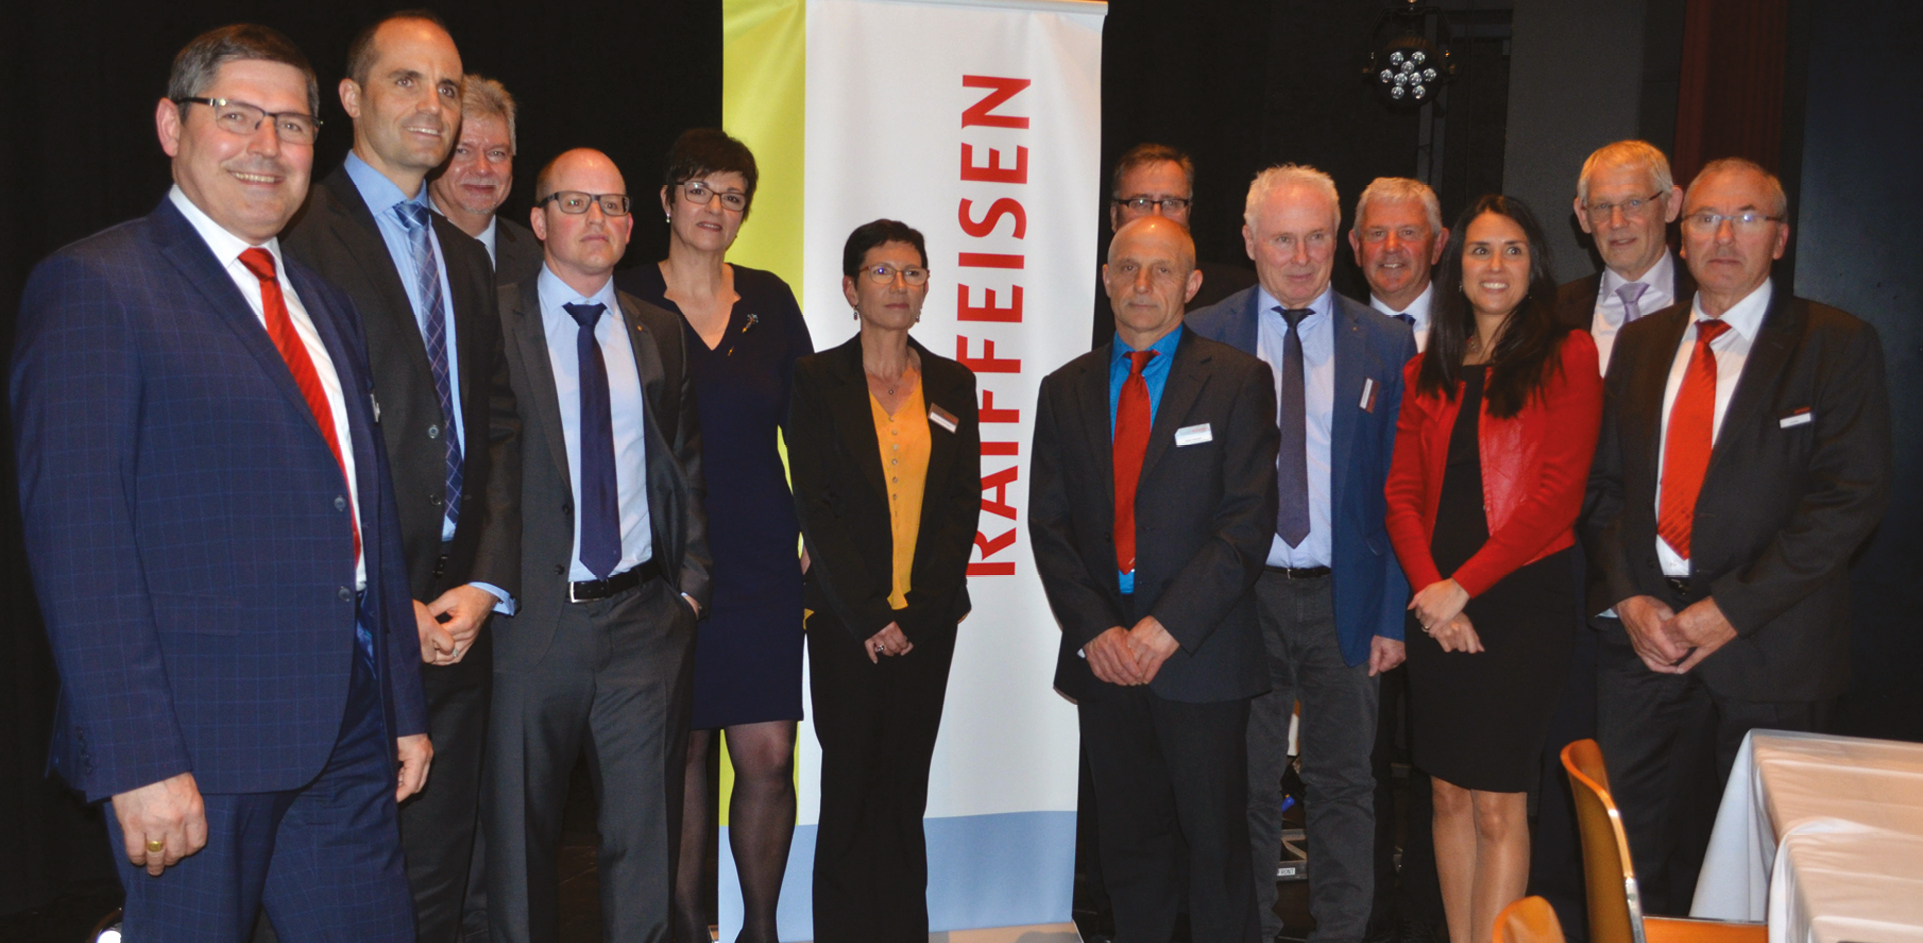 Banque Raiffeisen Mont-Aubert : Une évolution réjouissante